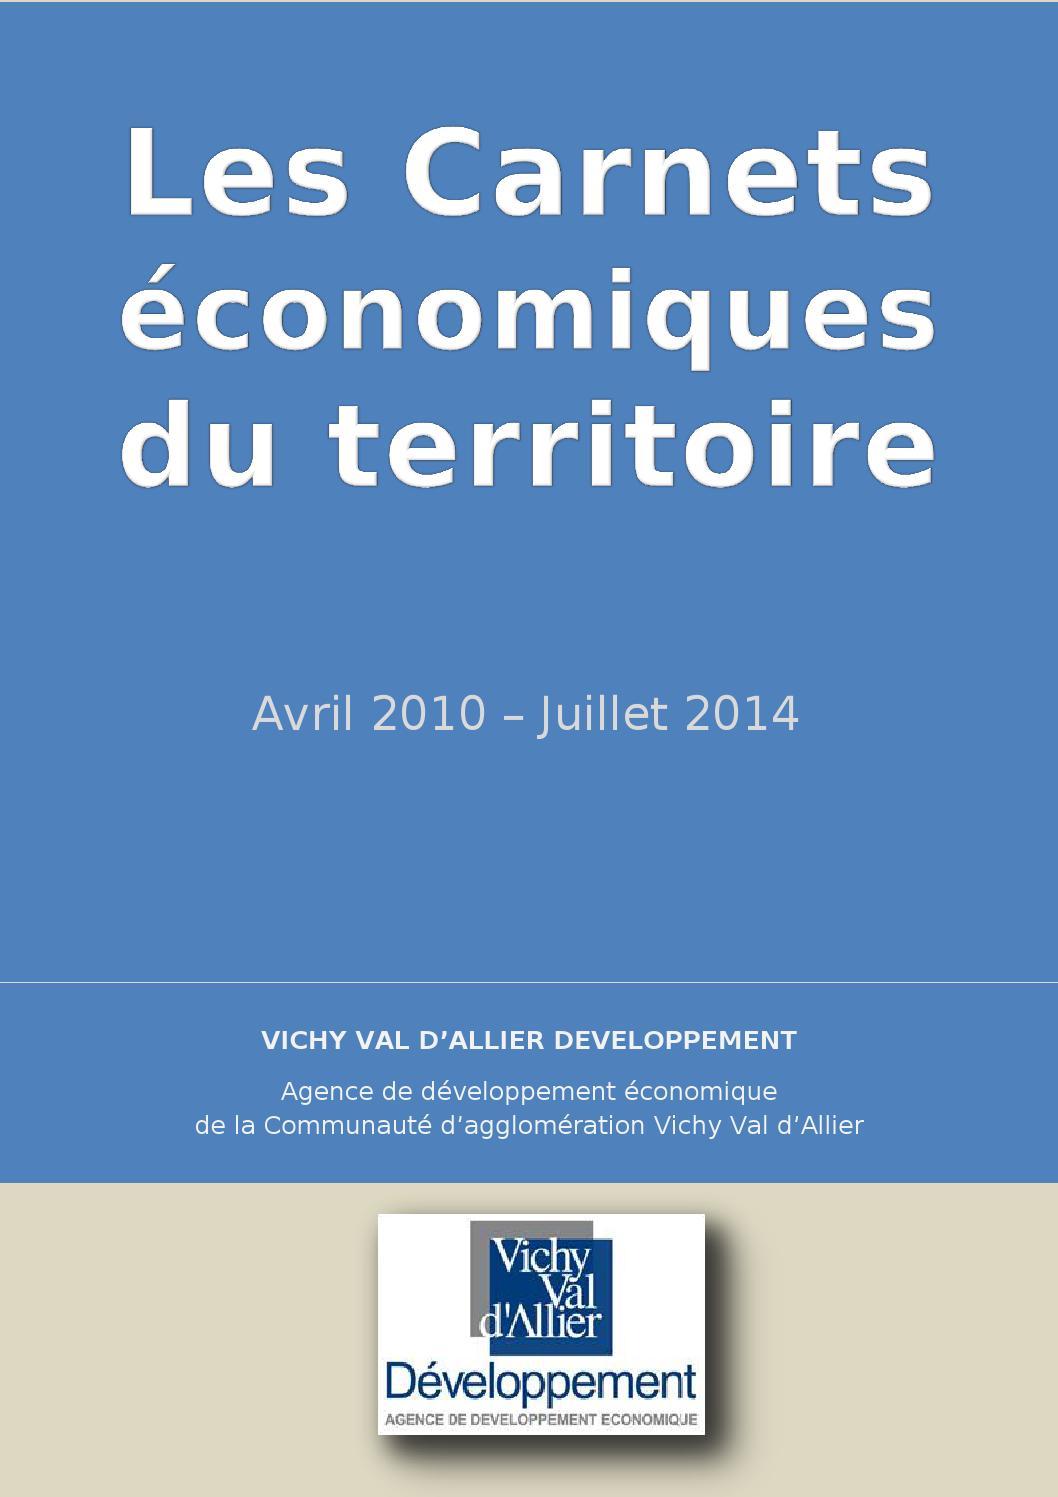 b1264afa8c351 Carnets economiques avril 2010 juillet 2014 by Vichy Communauté  Développement - issuu